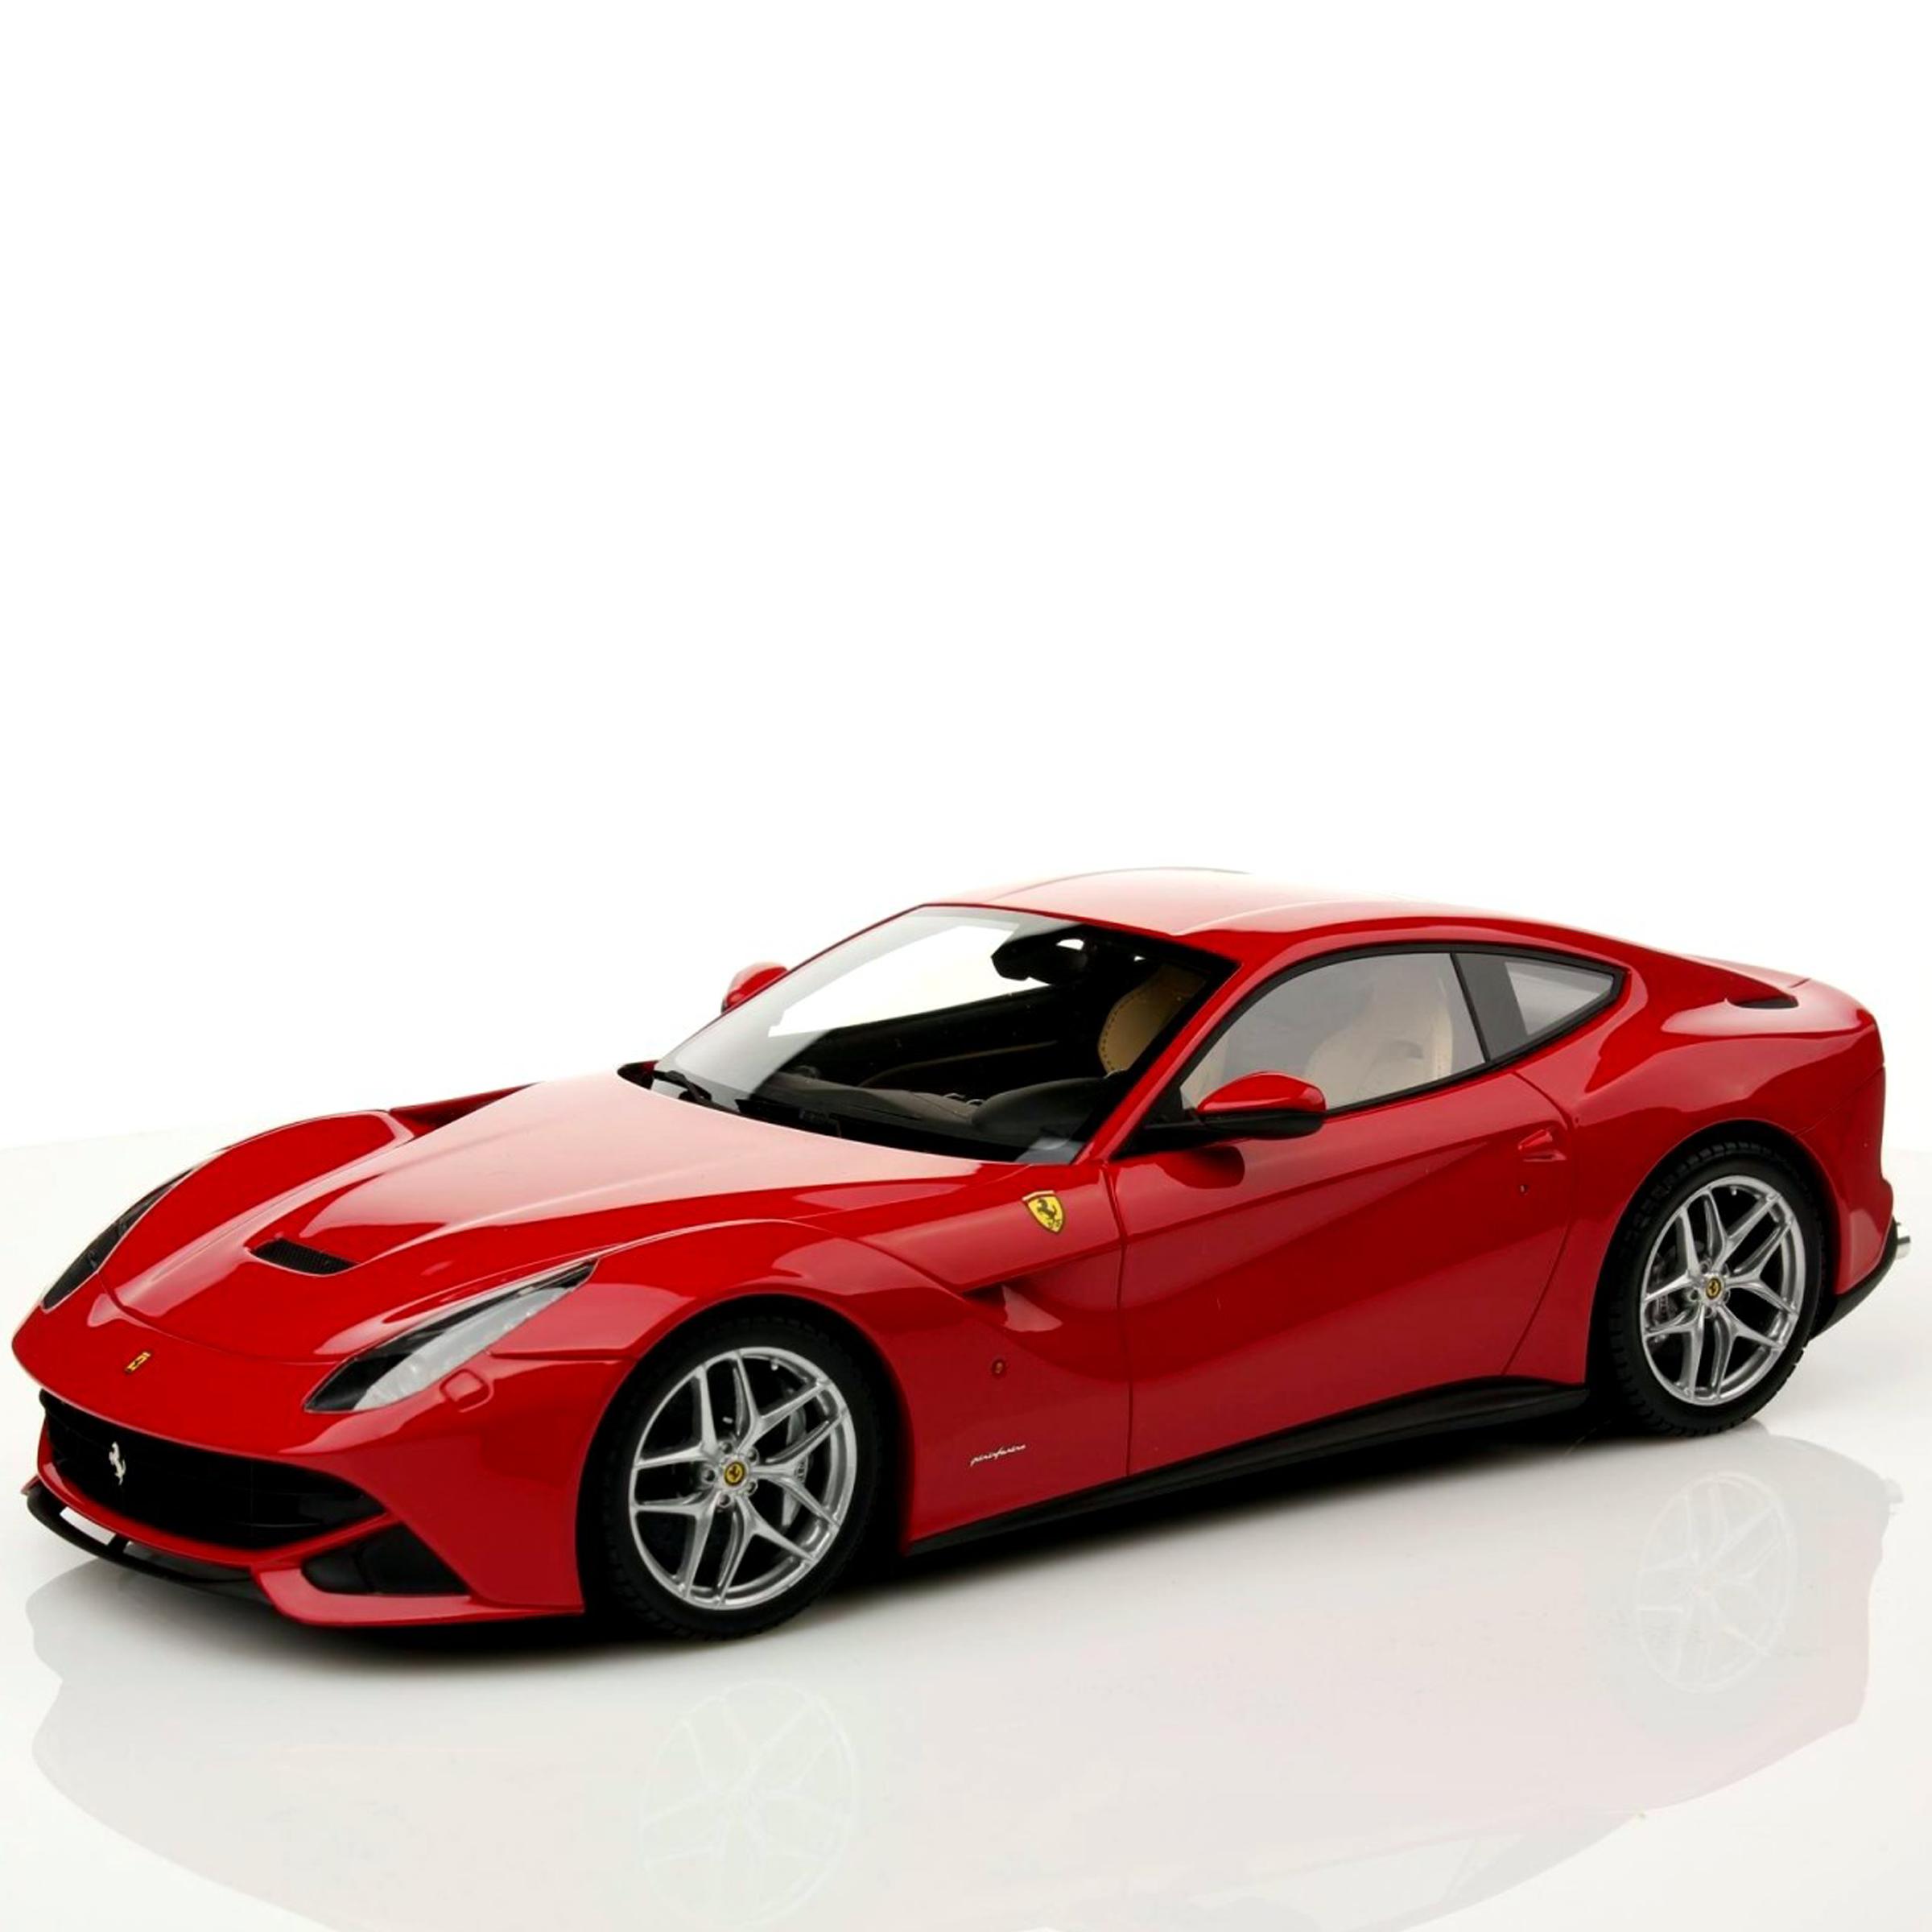 Designapplause 2015 Ferrari 458 Spider